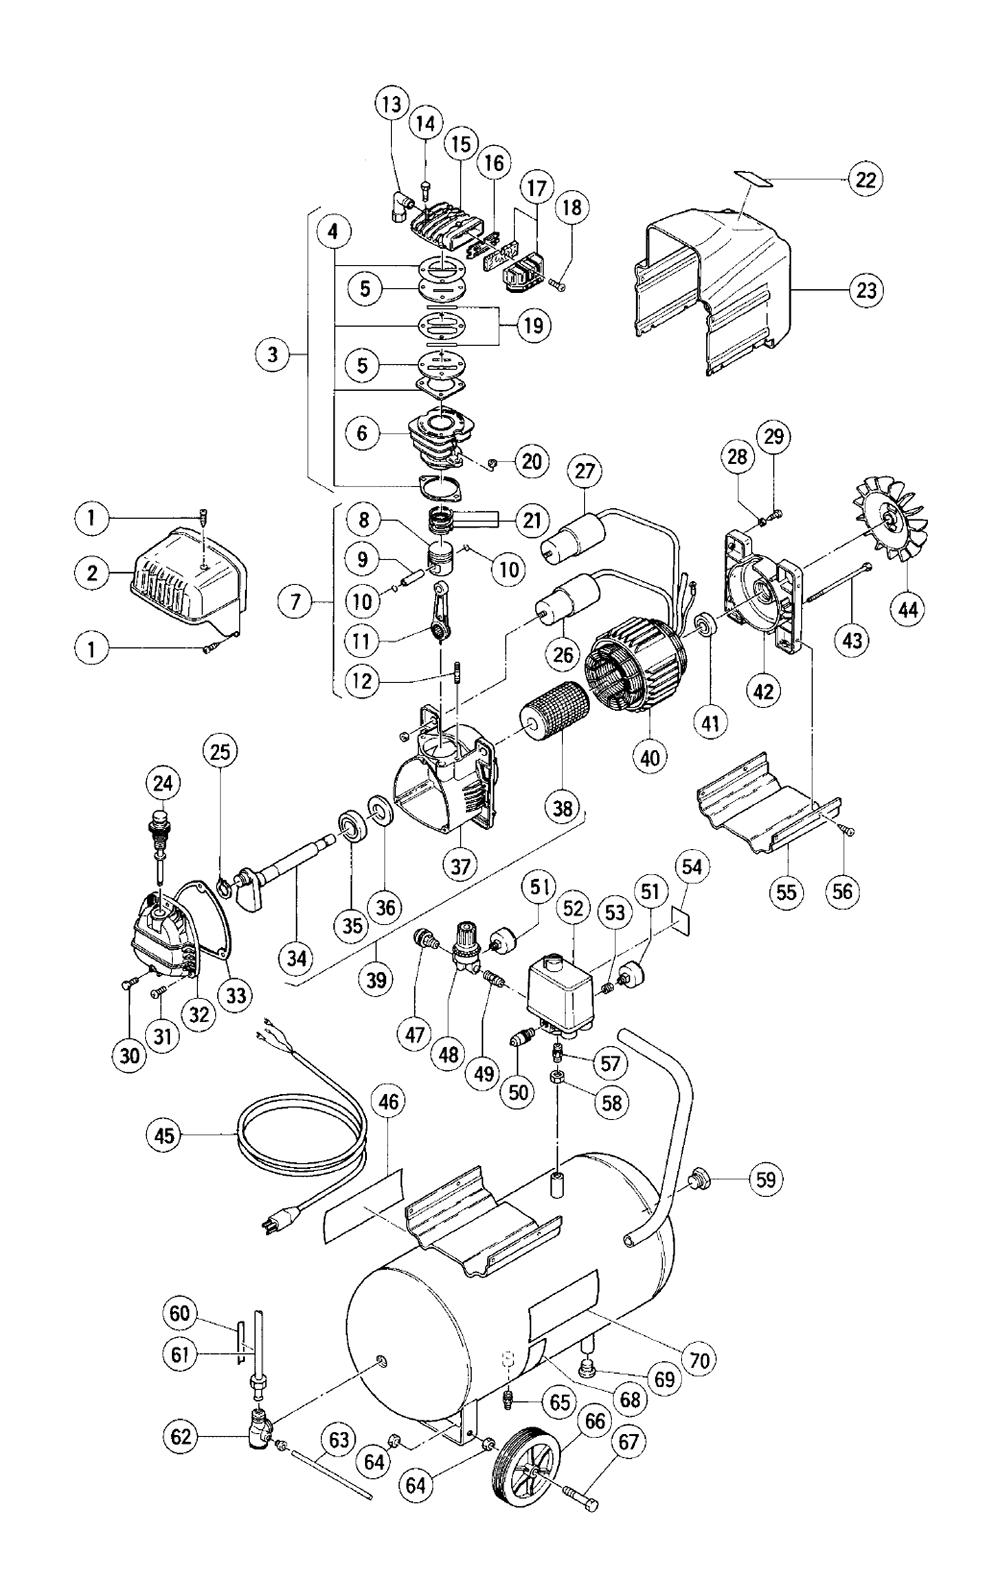 Putzmeister Wiring Diagram, Putzmeister, Free Engine Image